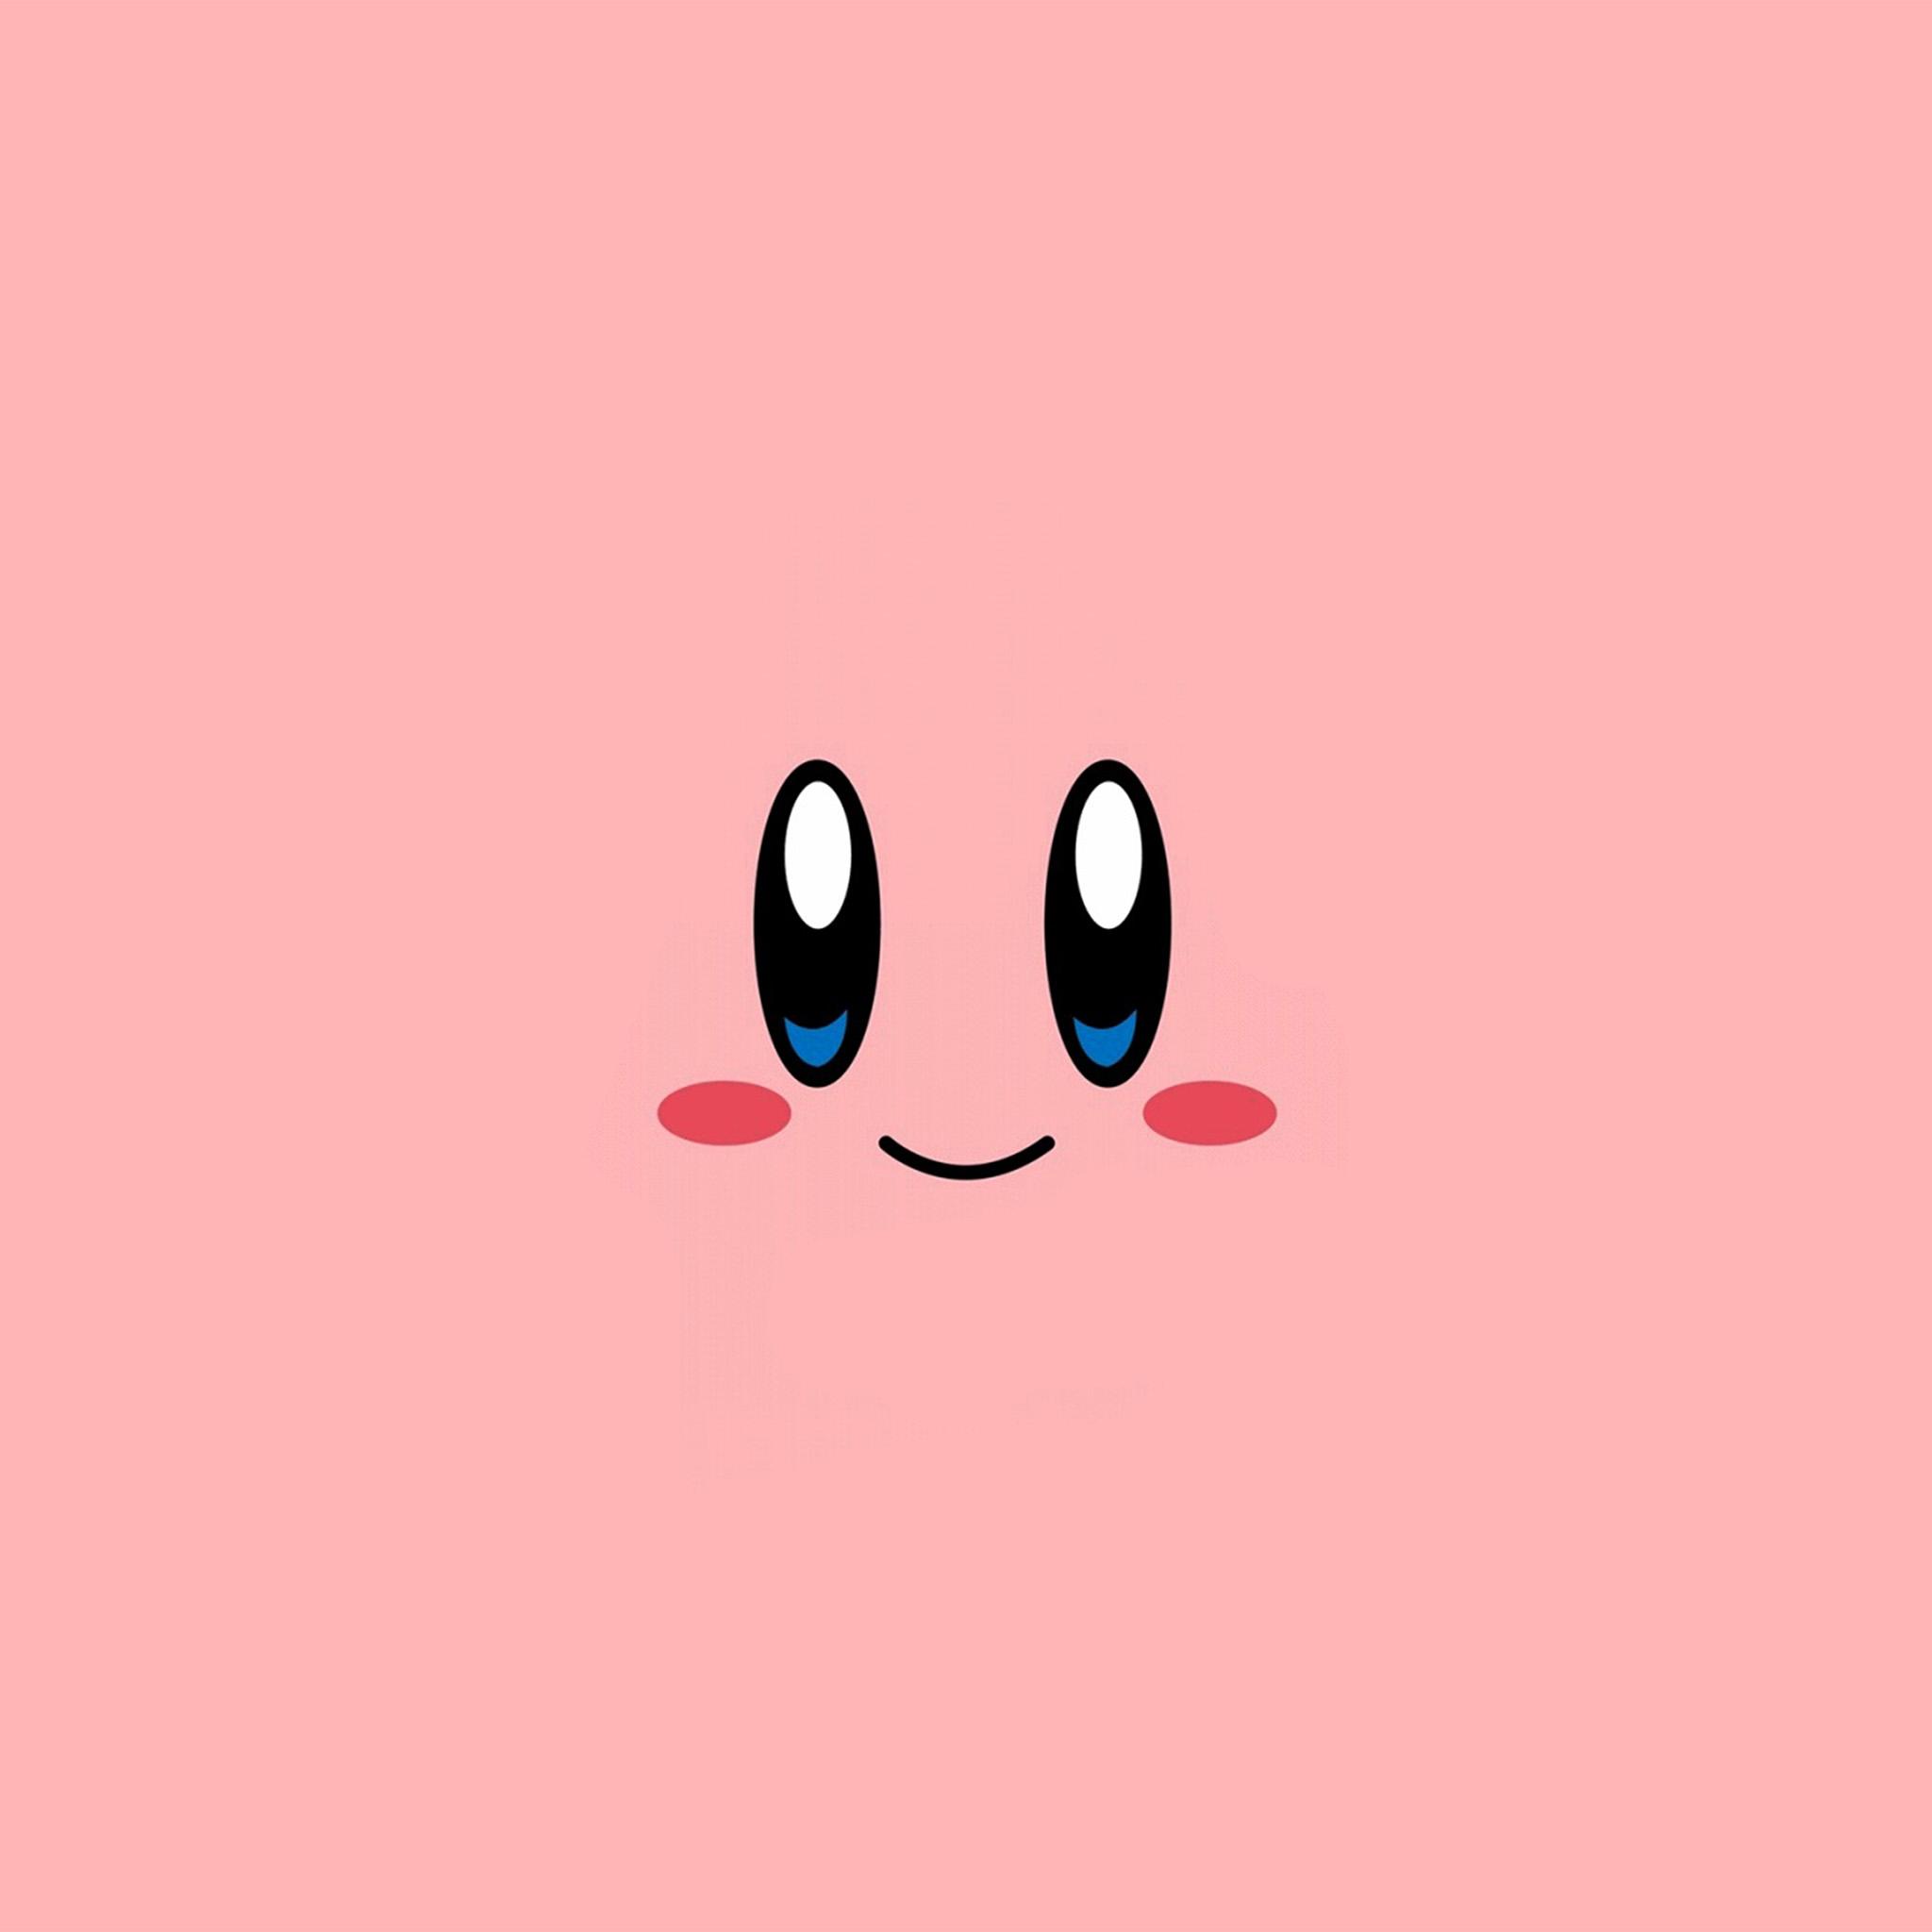 Cute Header Wallpaper Az54 Kirby Pink Face Cute Illustration Art Wallpaper